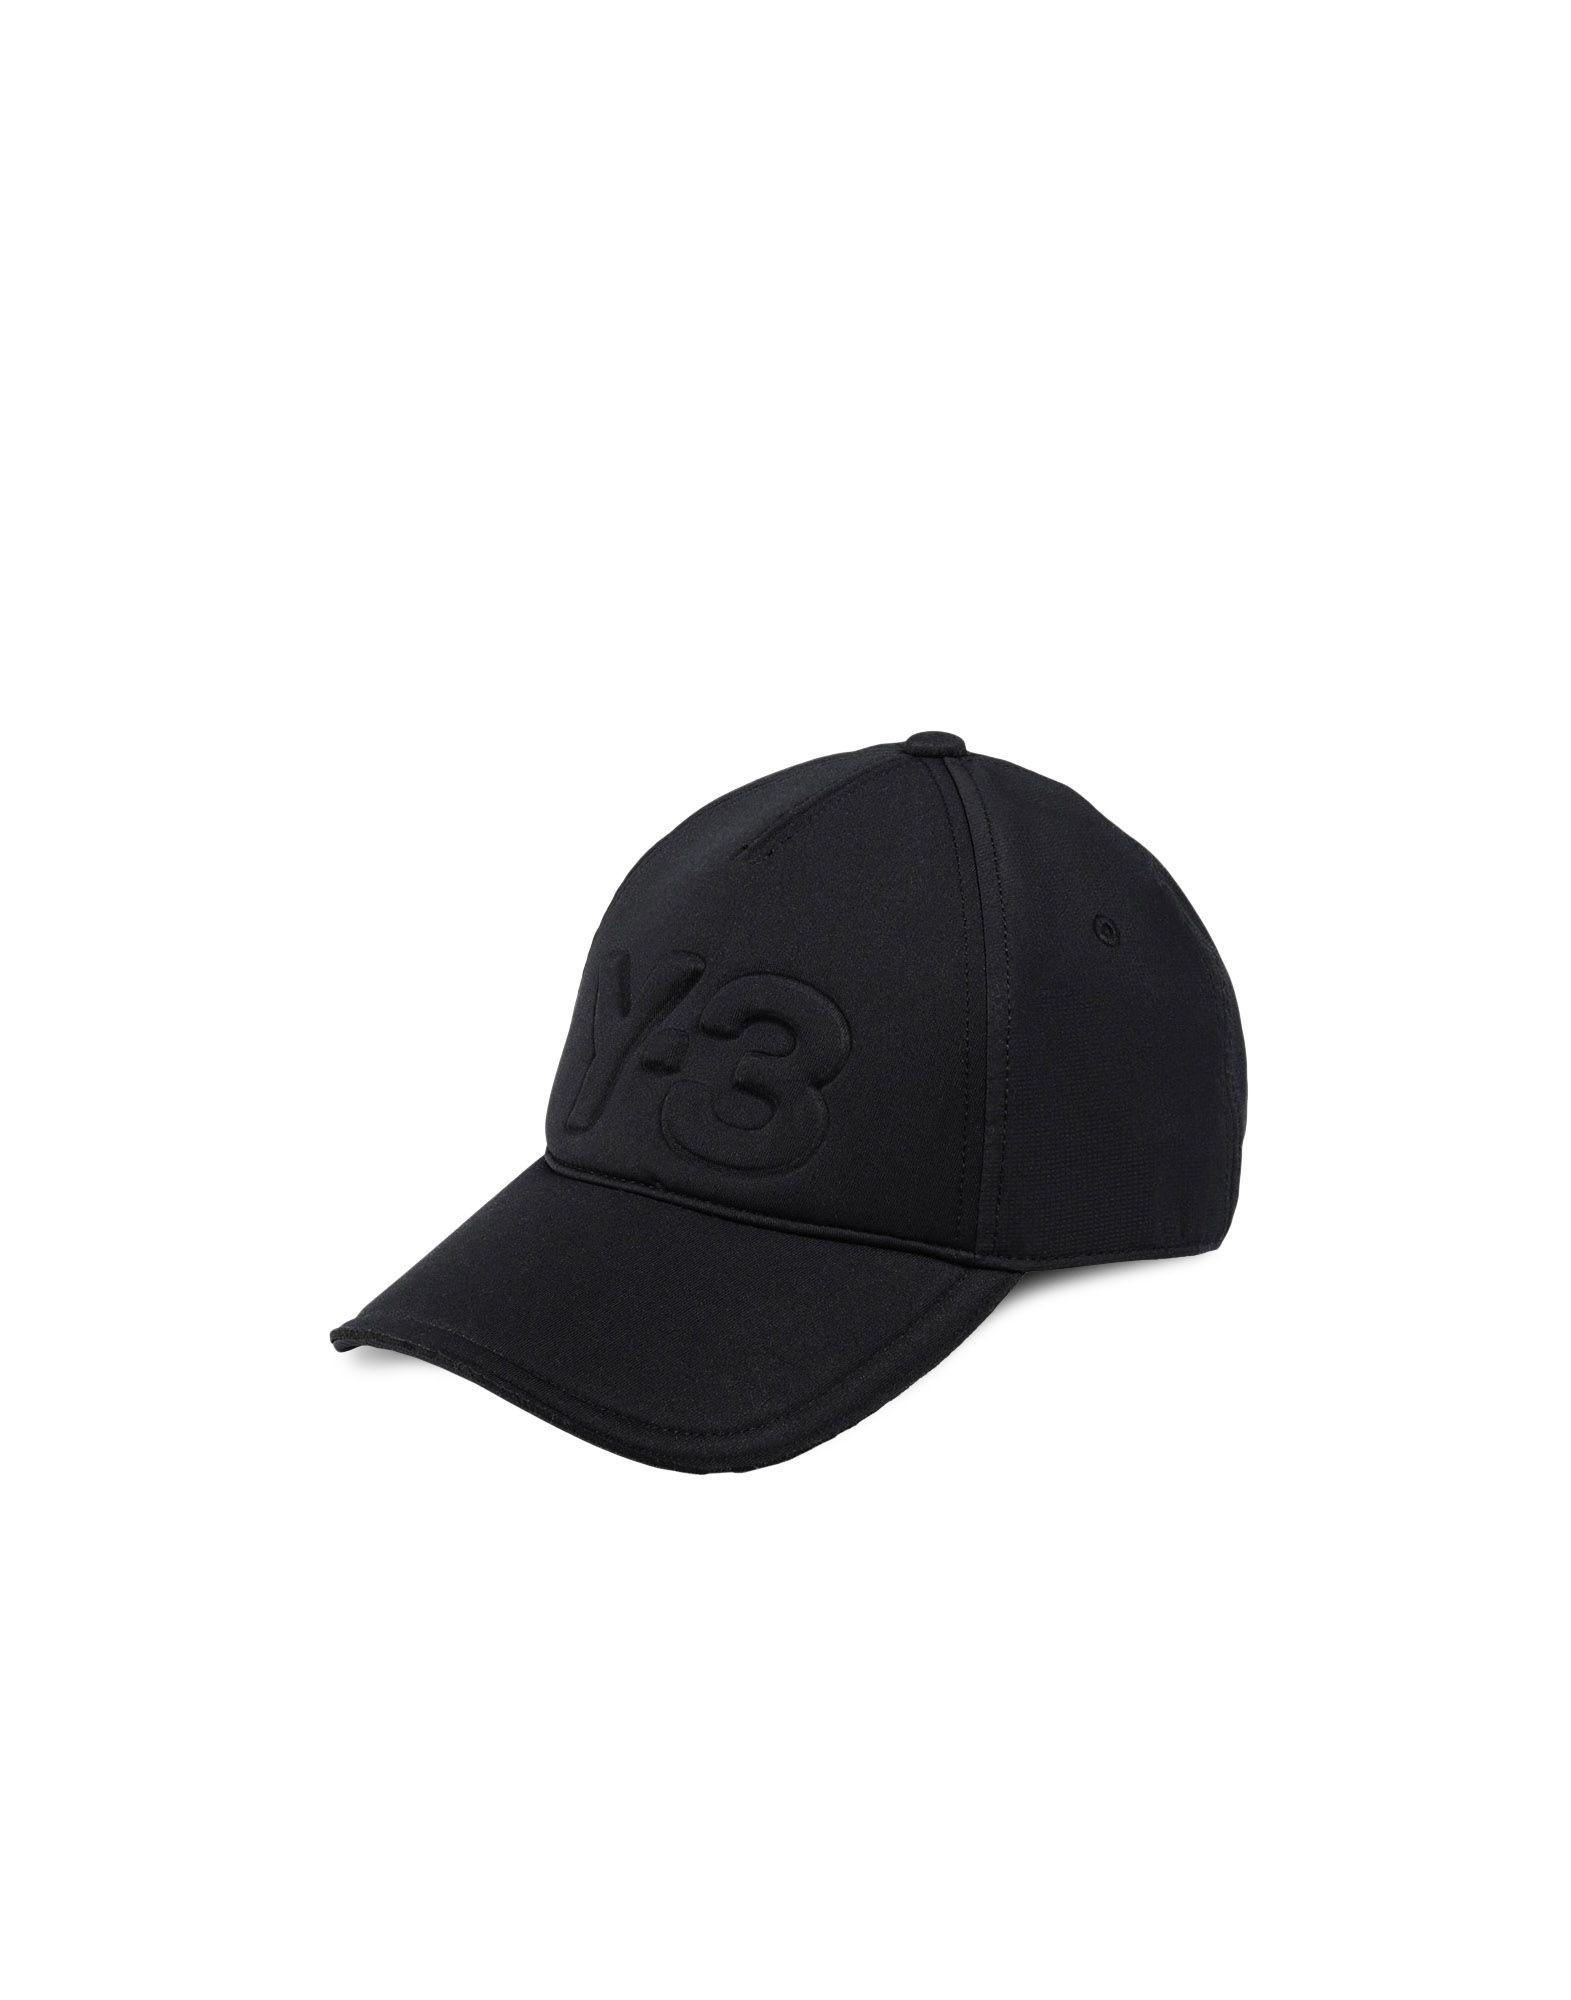 6a0a143233a Y-3 DEBOSSED CAP